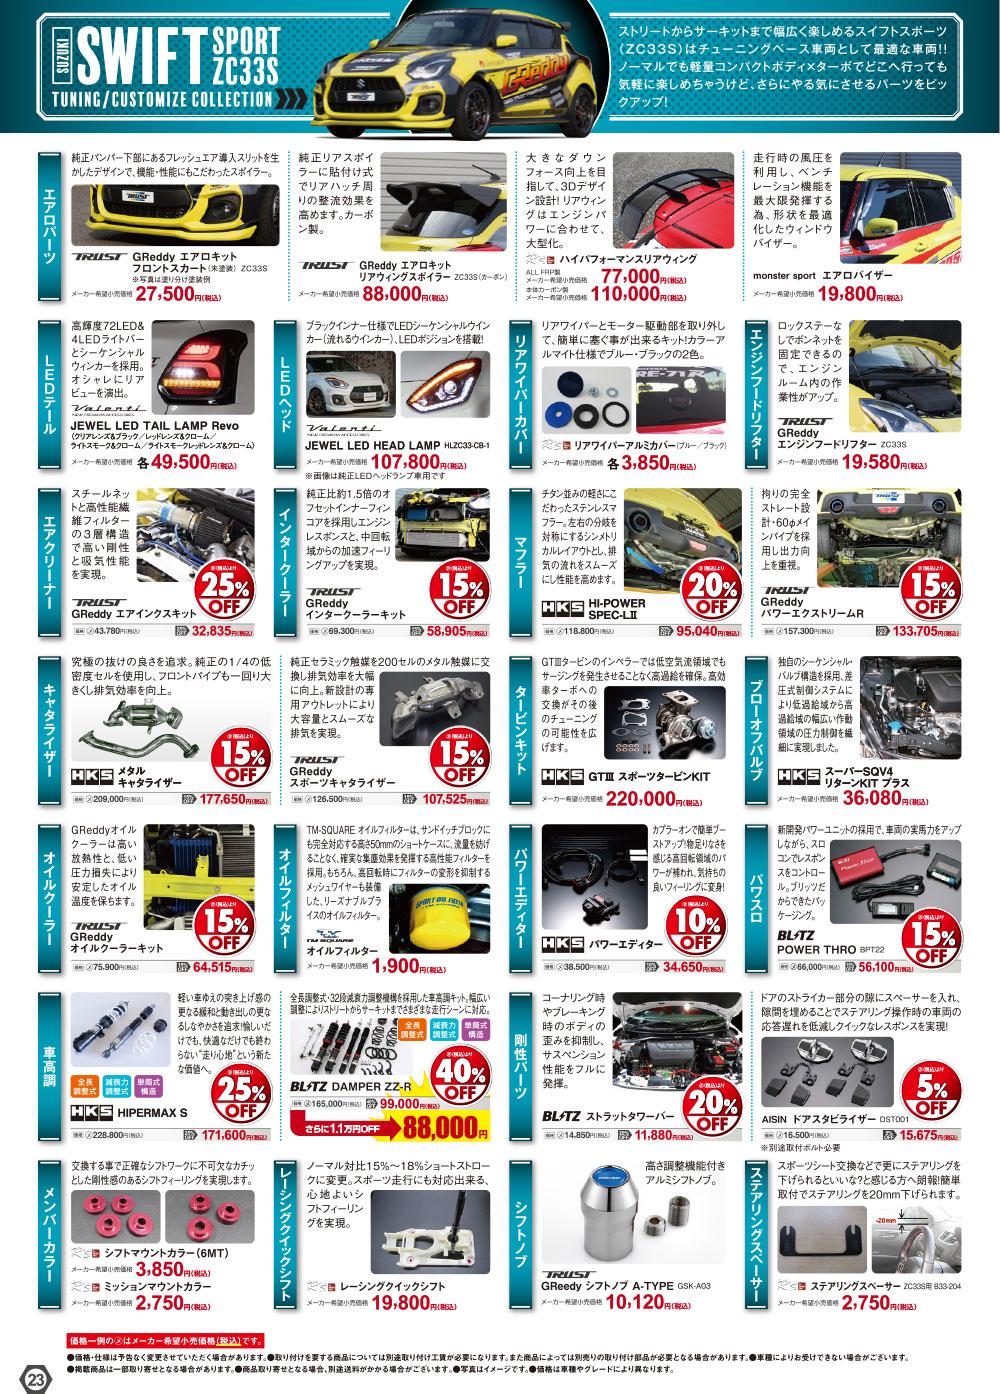 オートバックス_ヒートアップキャンペーン_SUZUKI スイフトスポーツZC33S